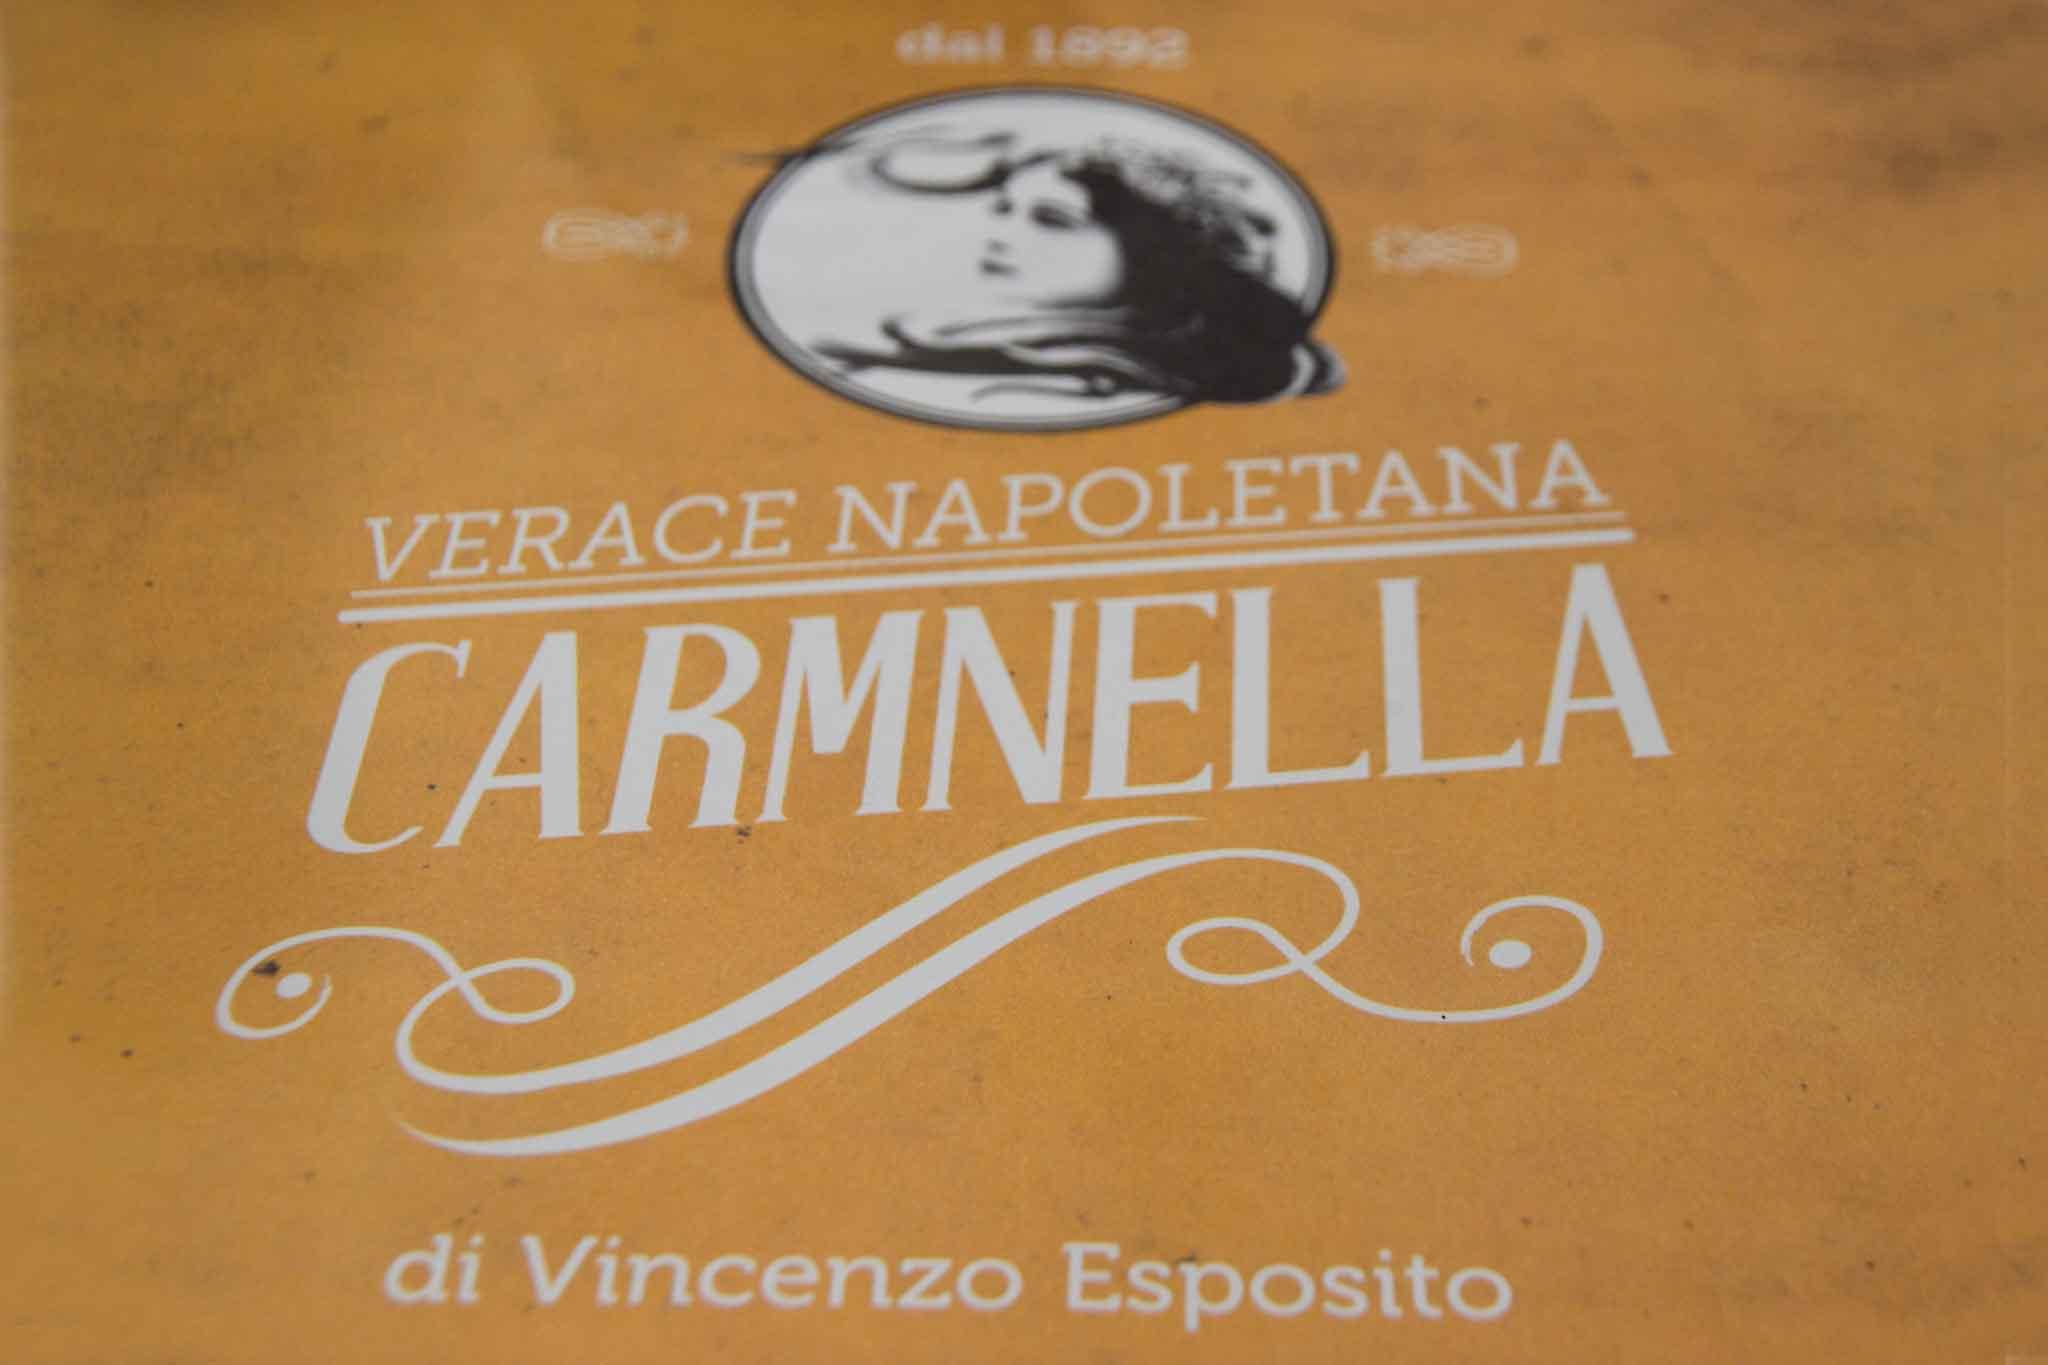 pizzeria-carmnella-napoli